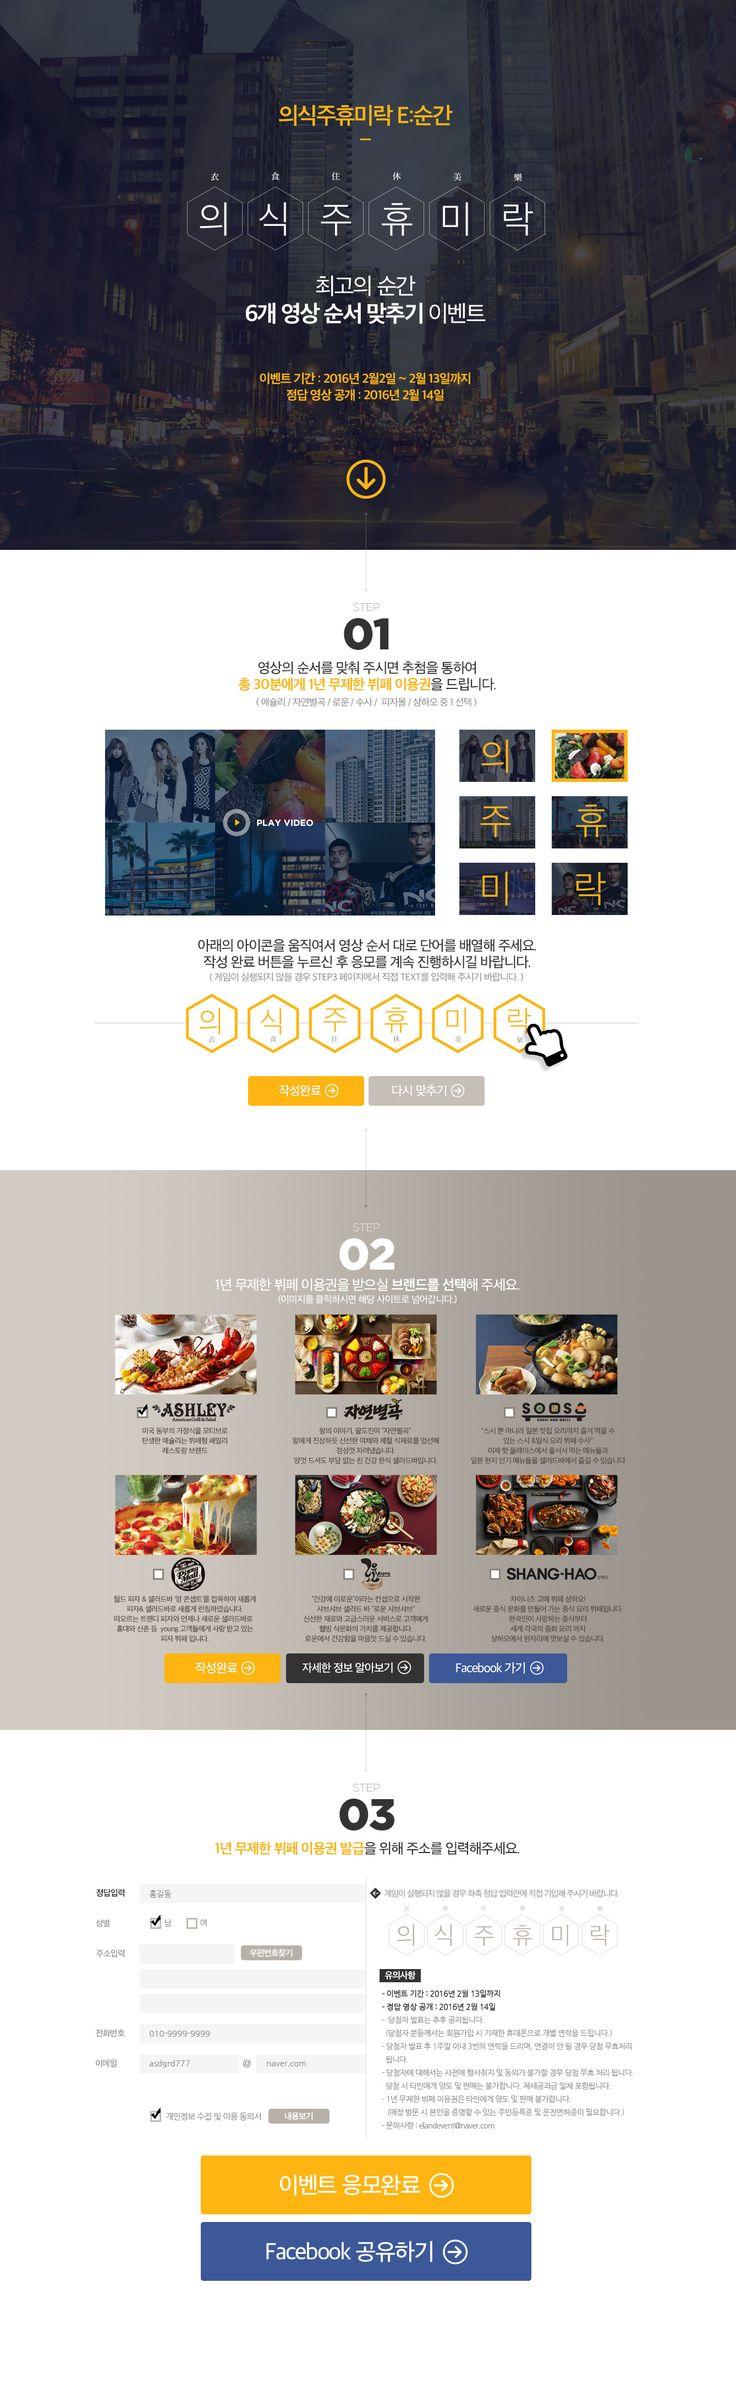 이랜드,이벤트,랜딩페이지,이벤트 페이지,event,one page,landing,web page,의식주휴미락